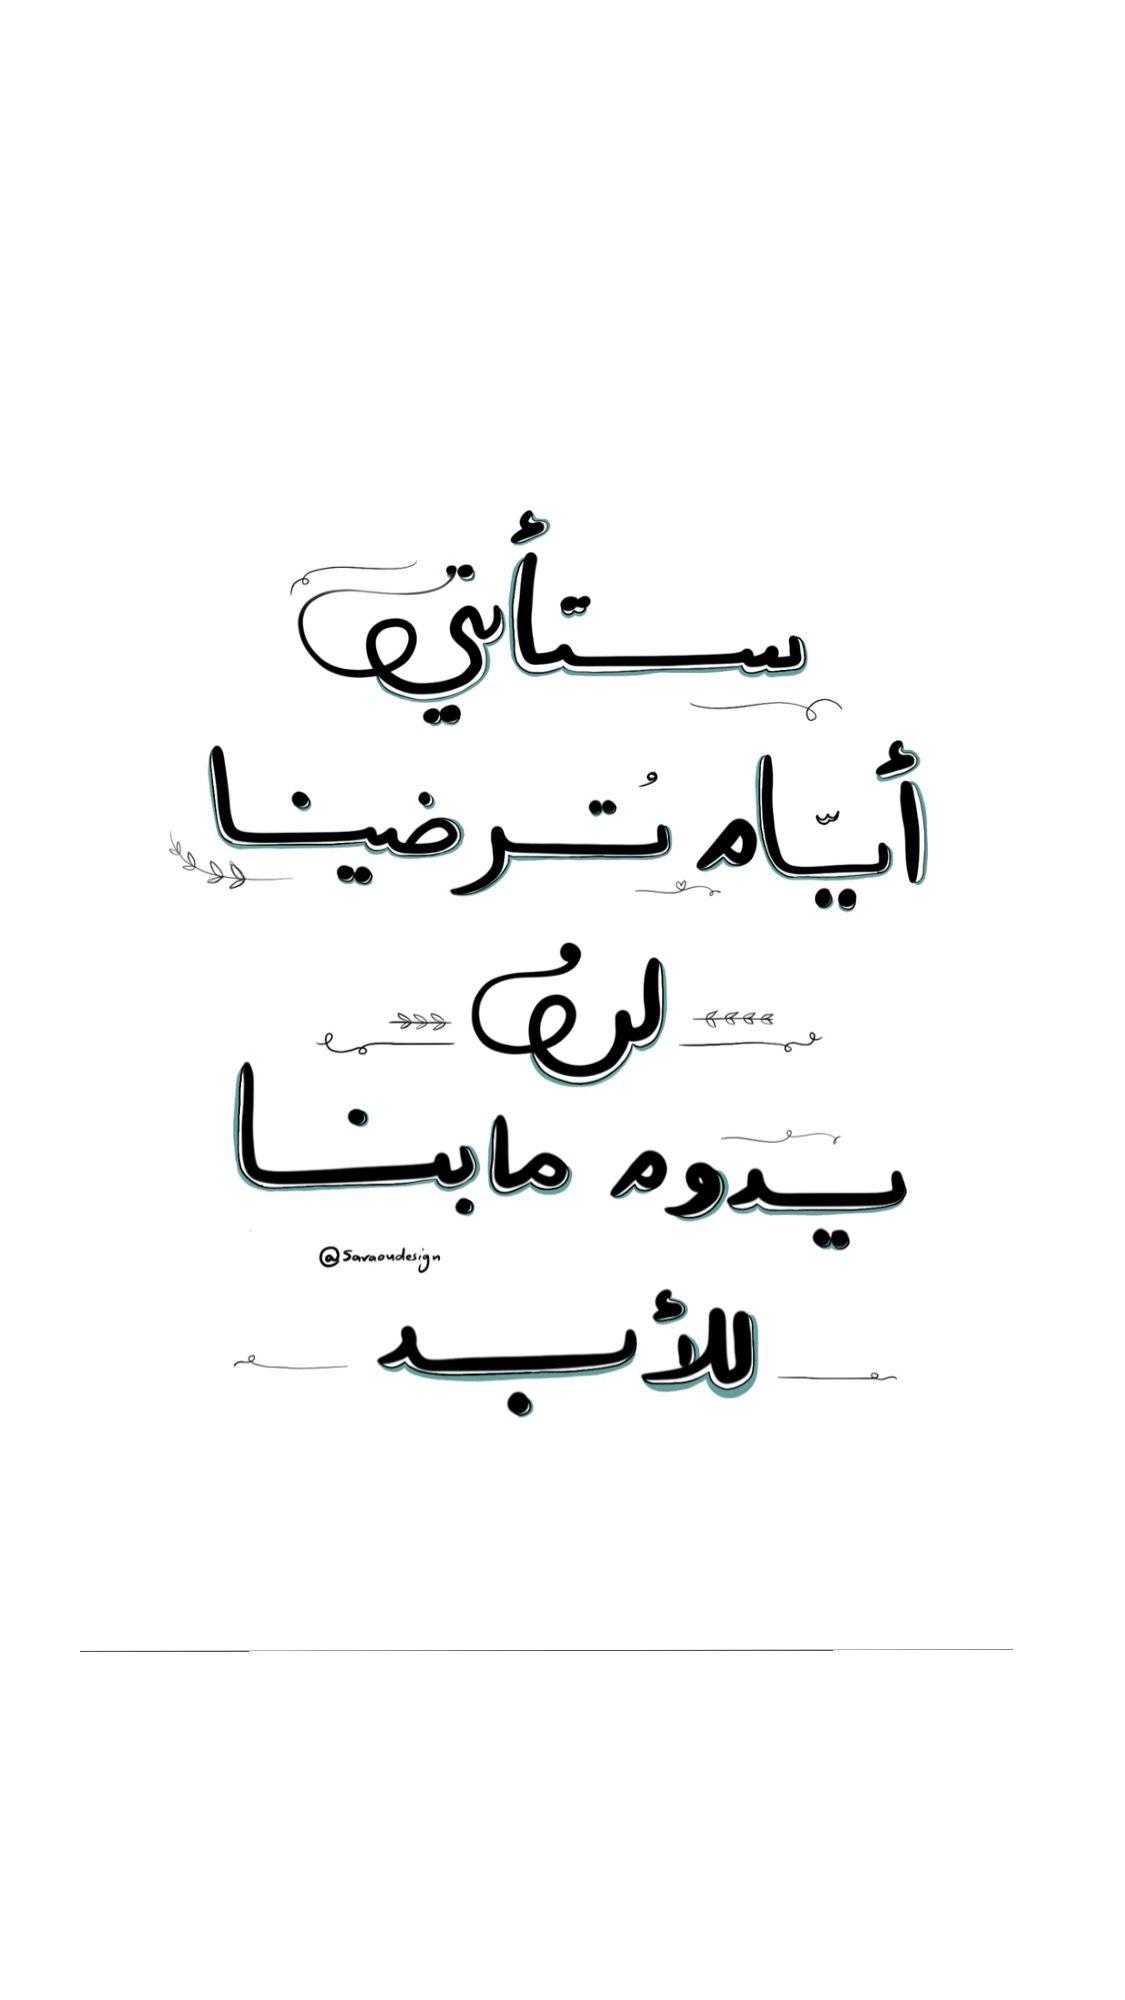 اقتباسات عربية Arabic Tattoo Quotes Positive Wallpapers Photo Quotes